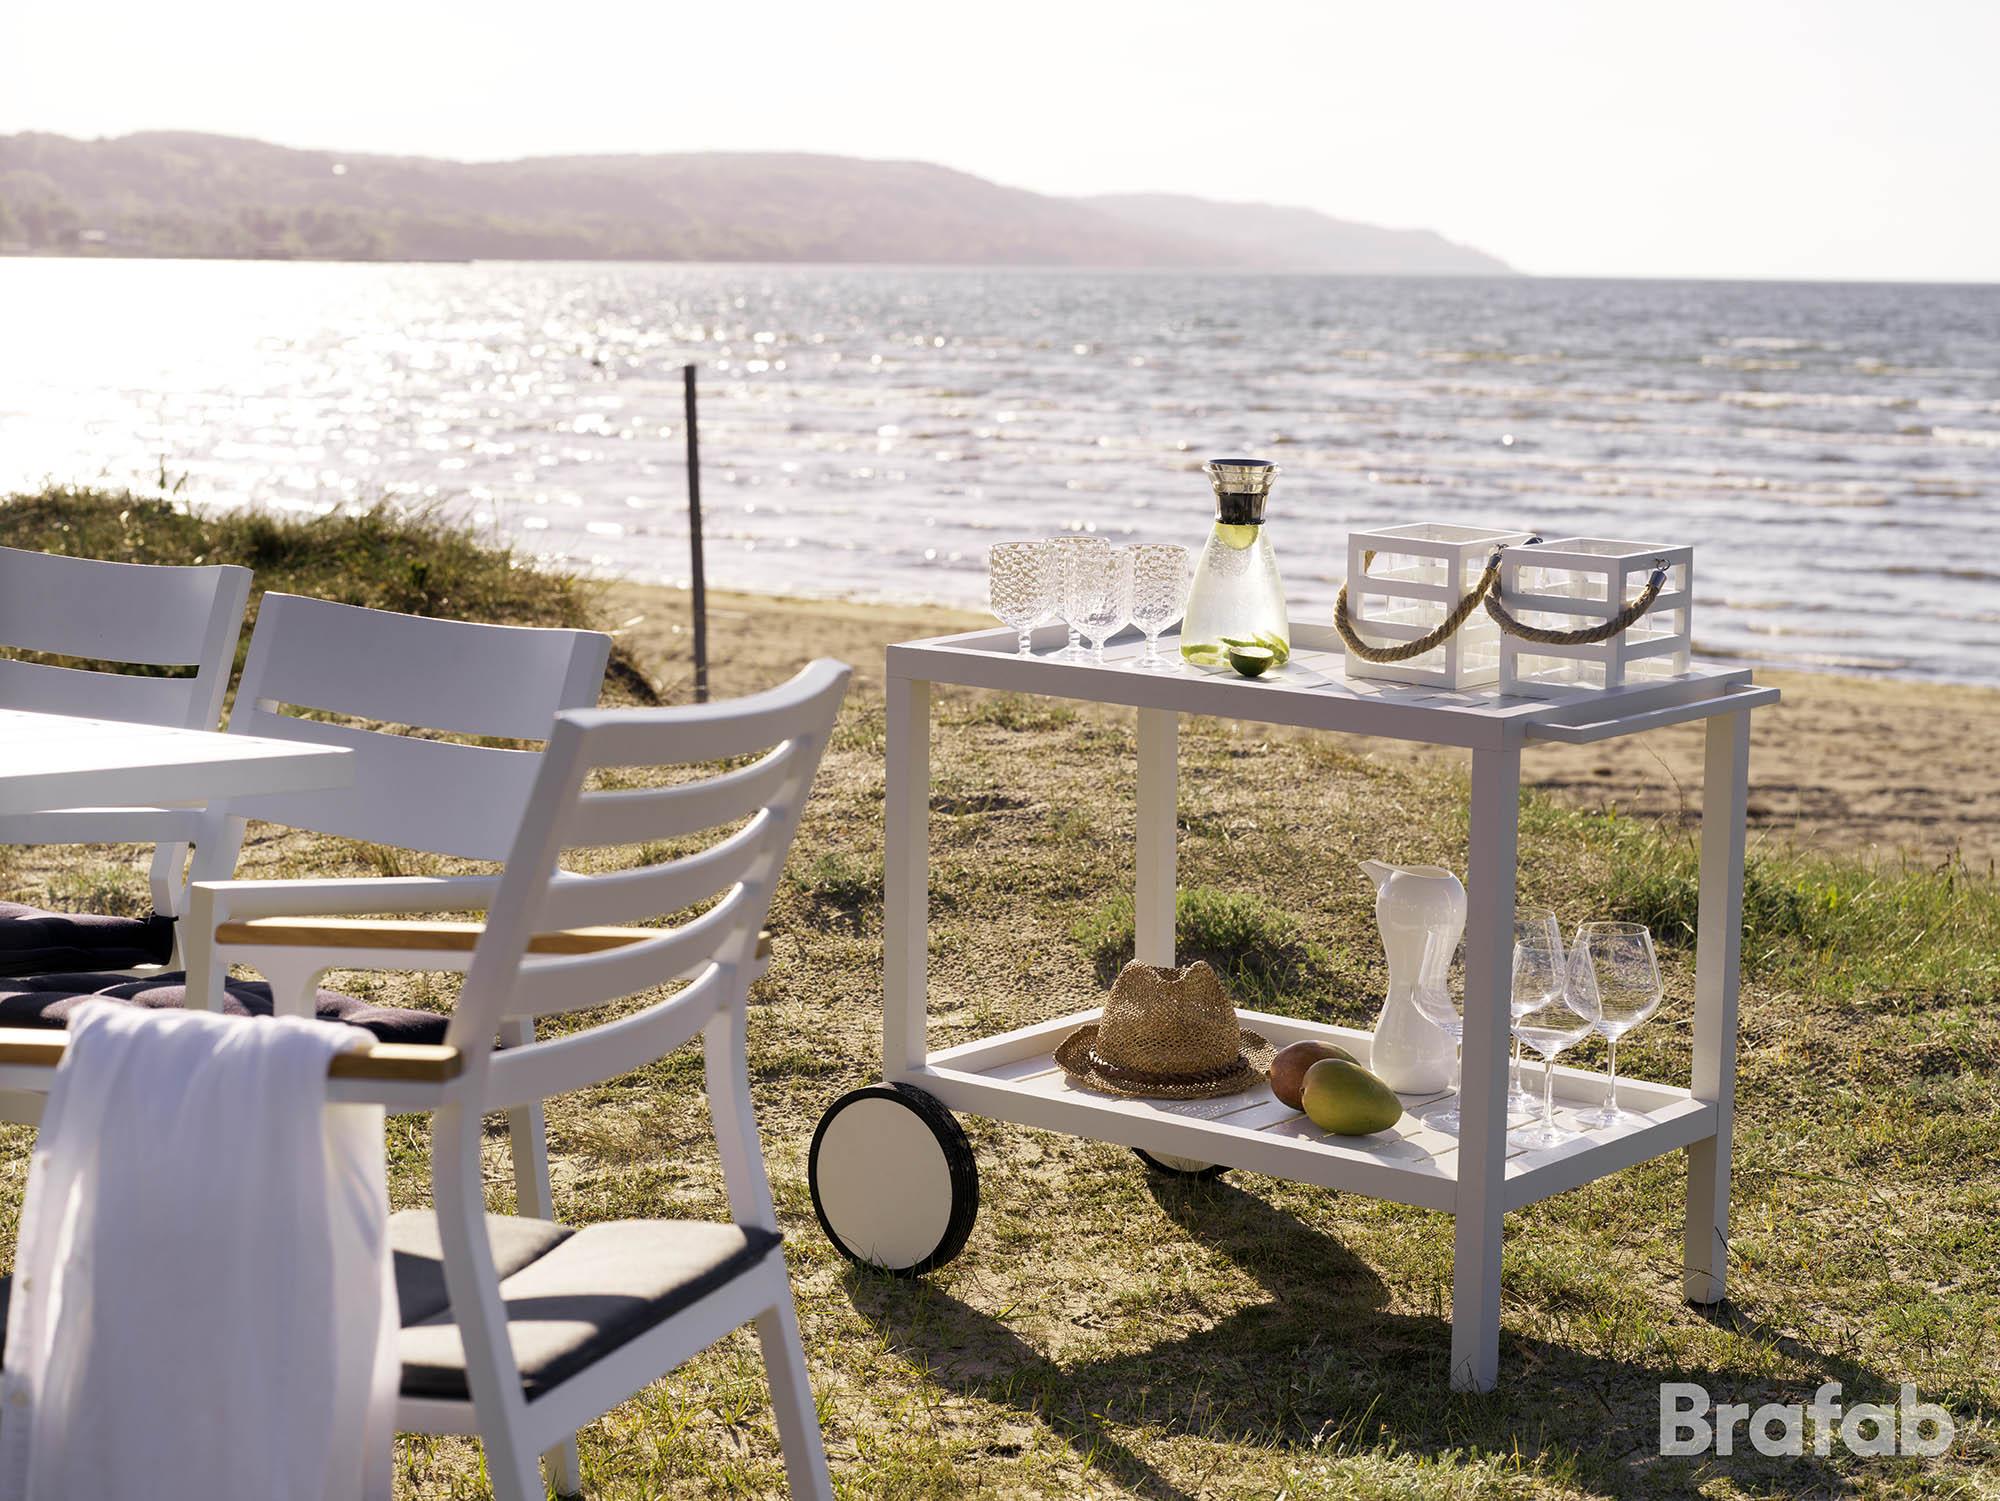 Miljöbild på en vit serveringsvagn från Brafab, tillverkad i aluminium och matchar möbelserien Belfort.